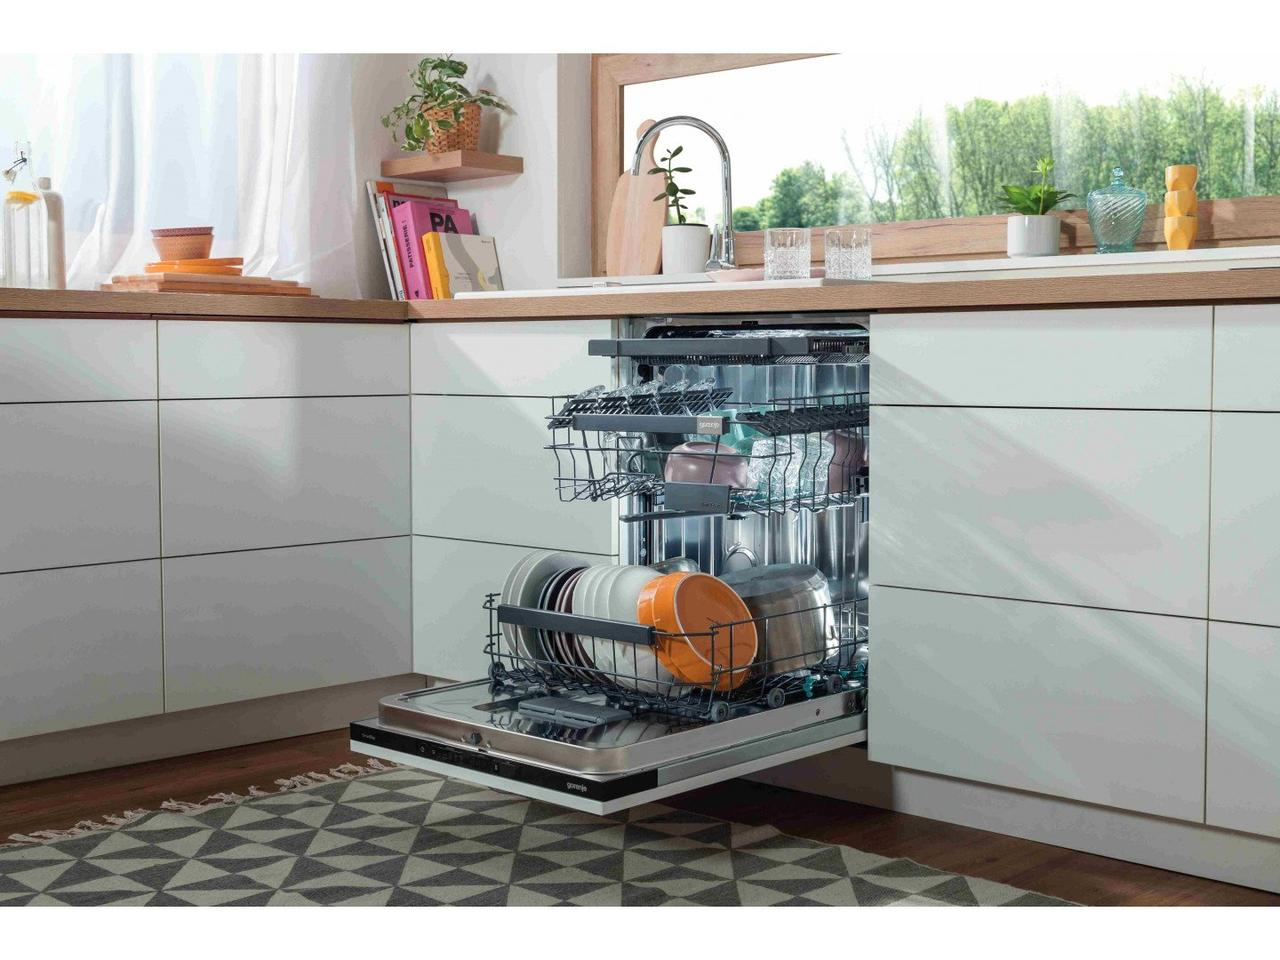 Посудомоечная машина горение на кухне